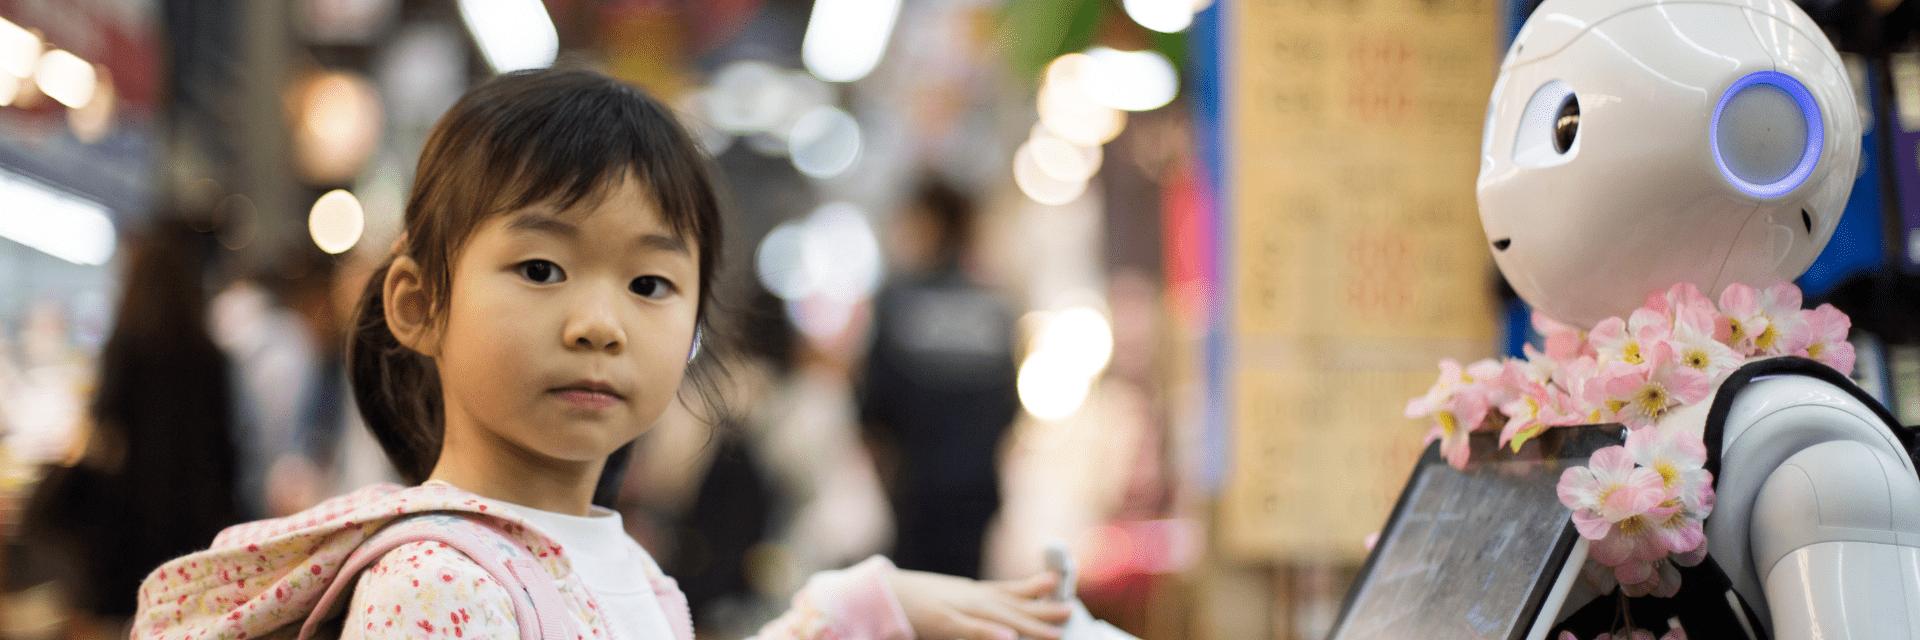 Little girl touches robot